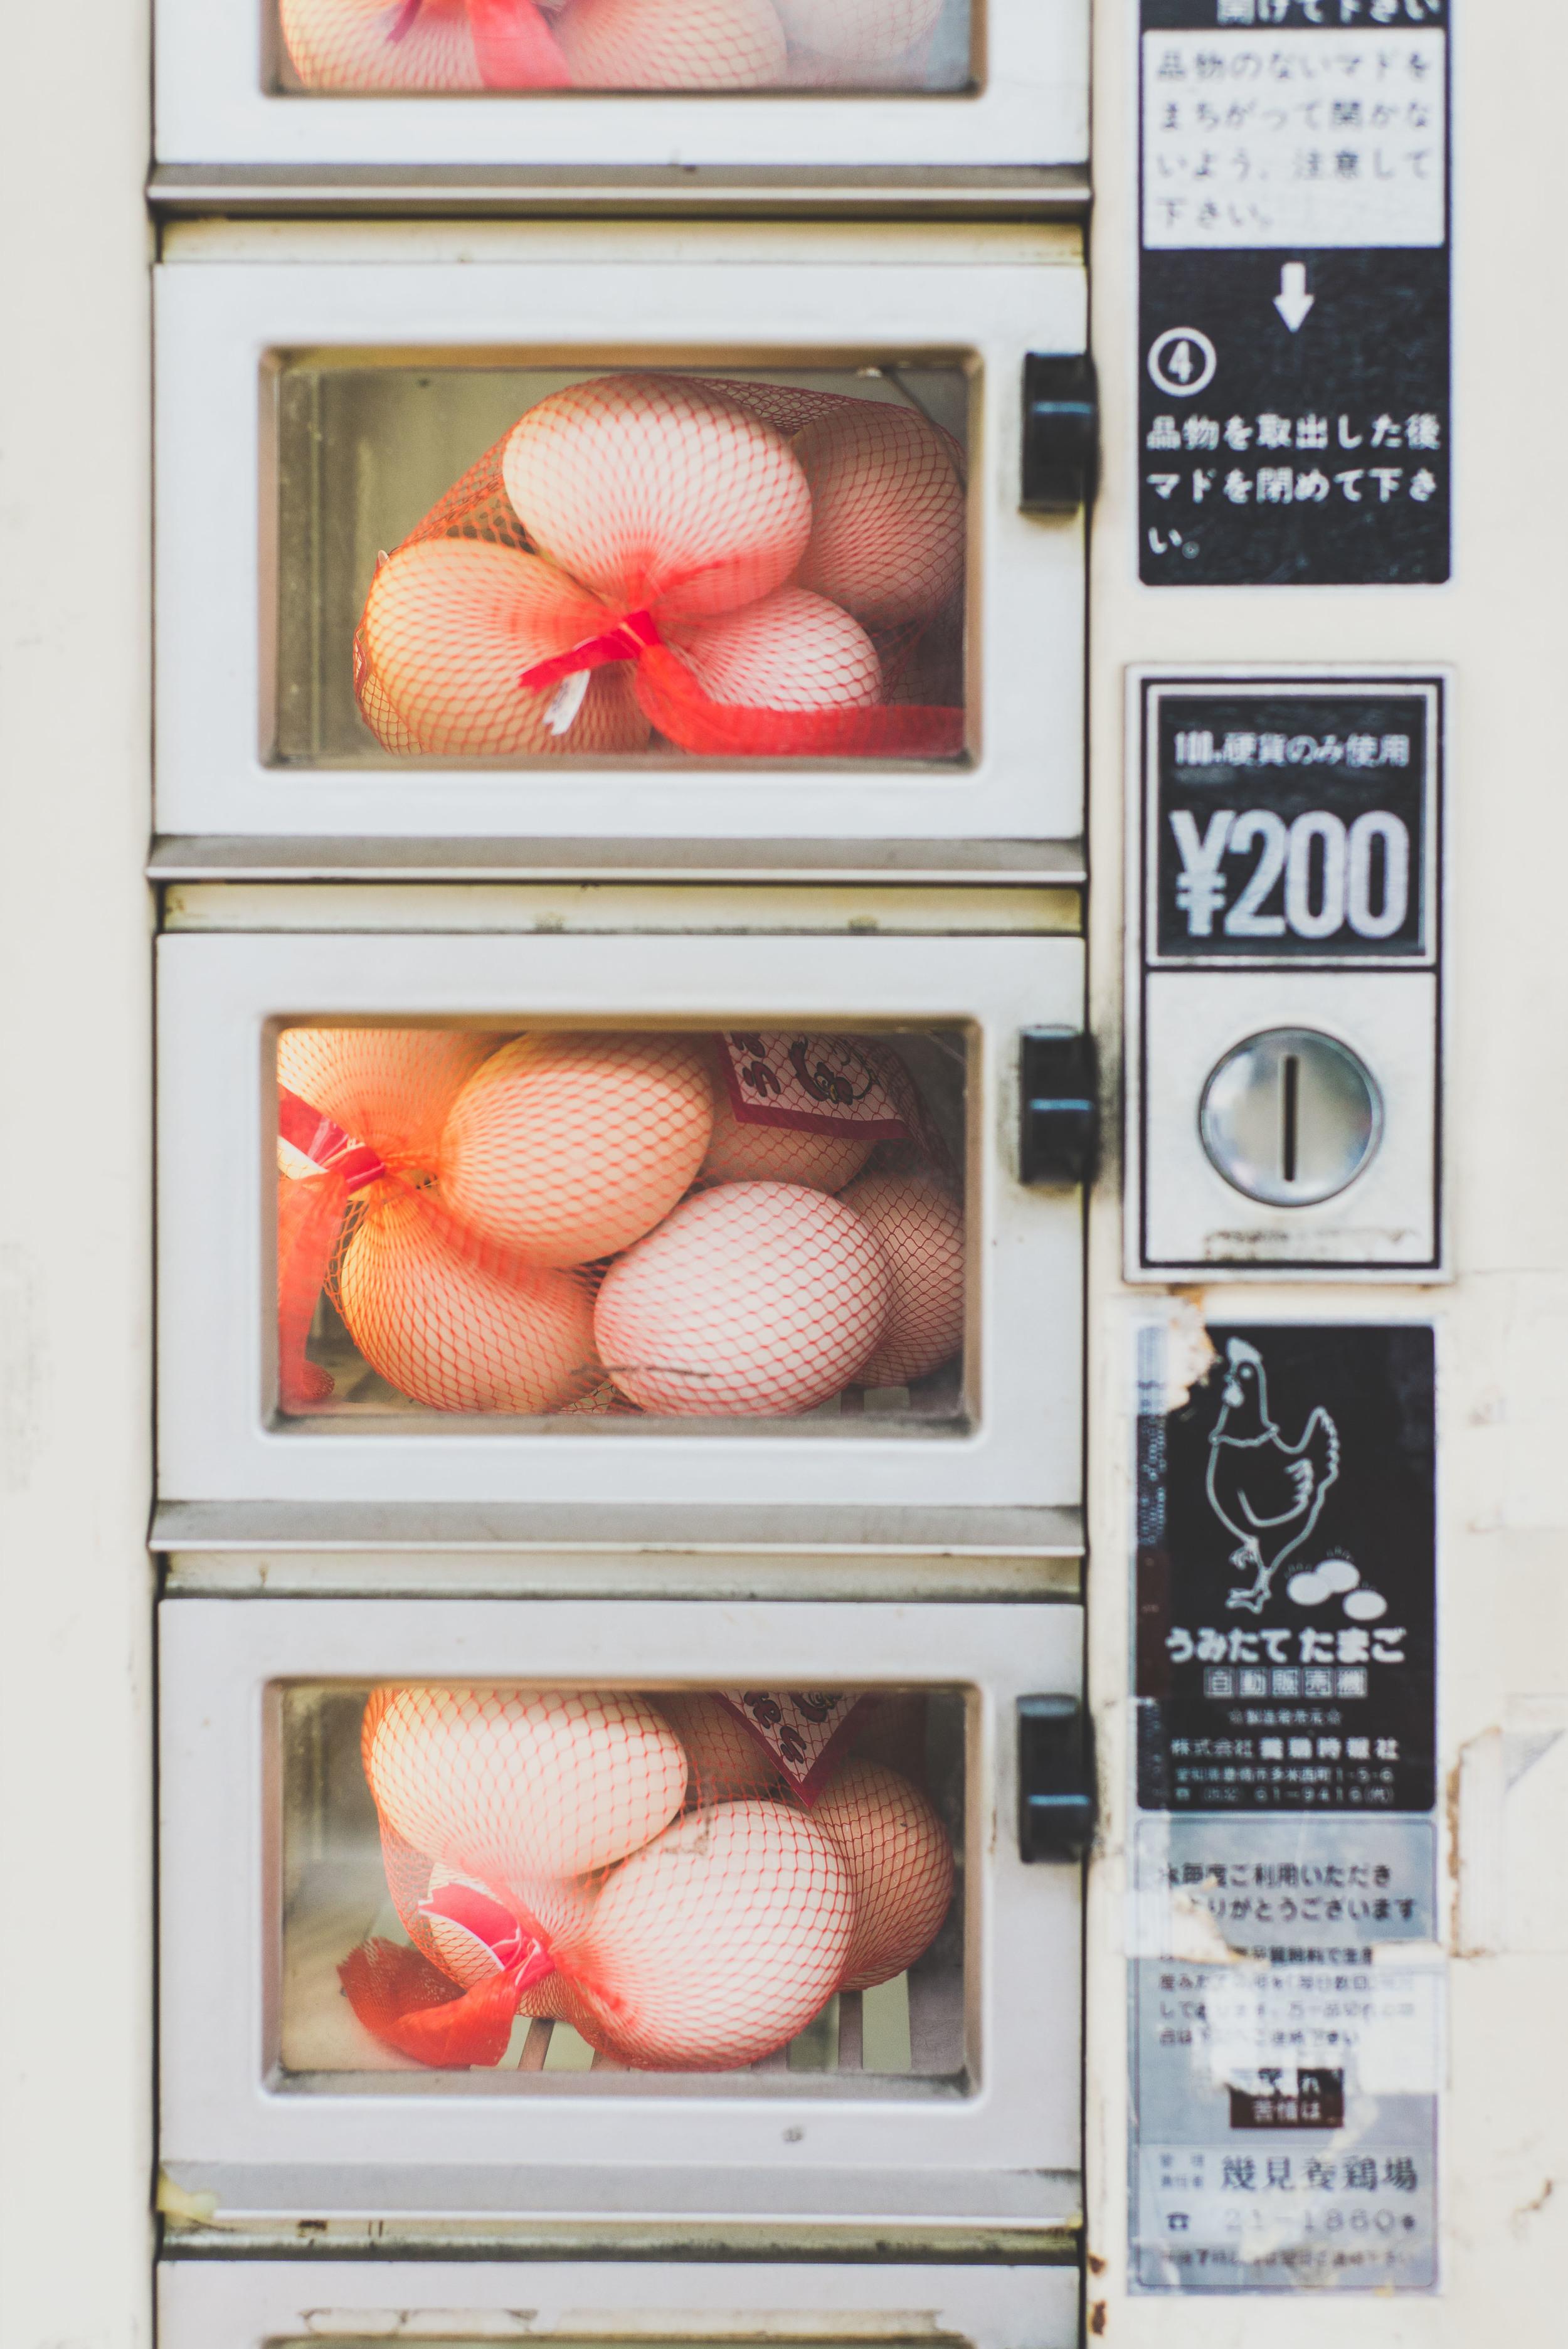 Vending machine eggs